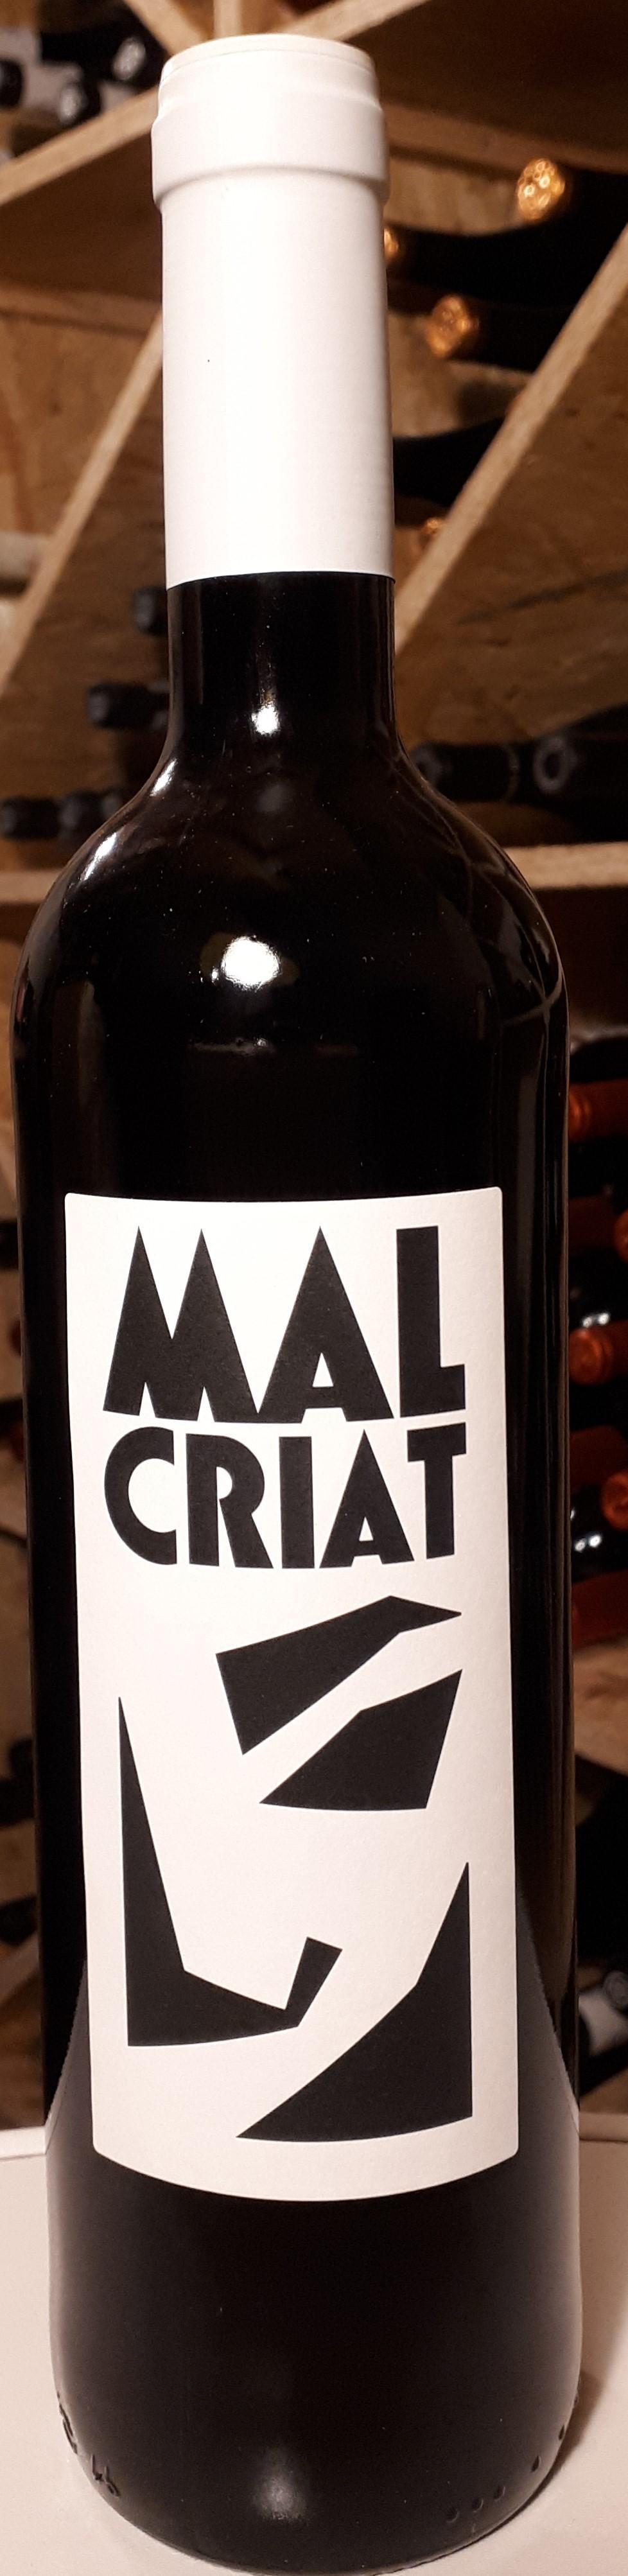 Malcriat